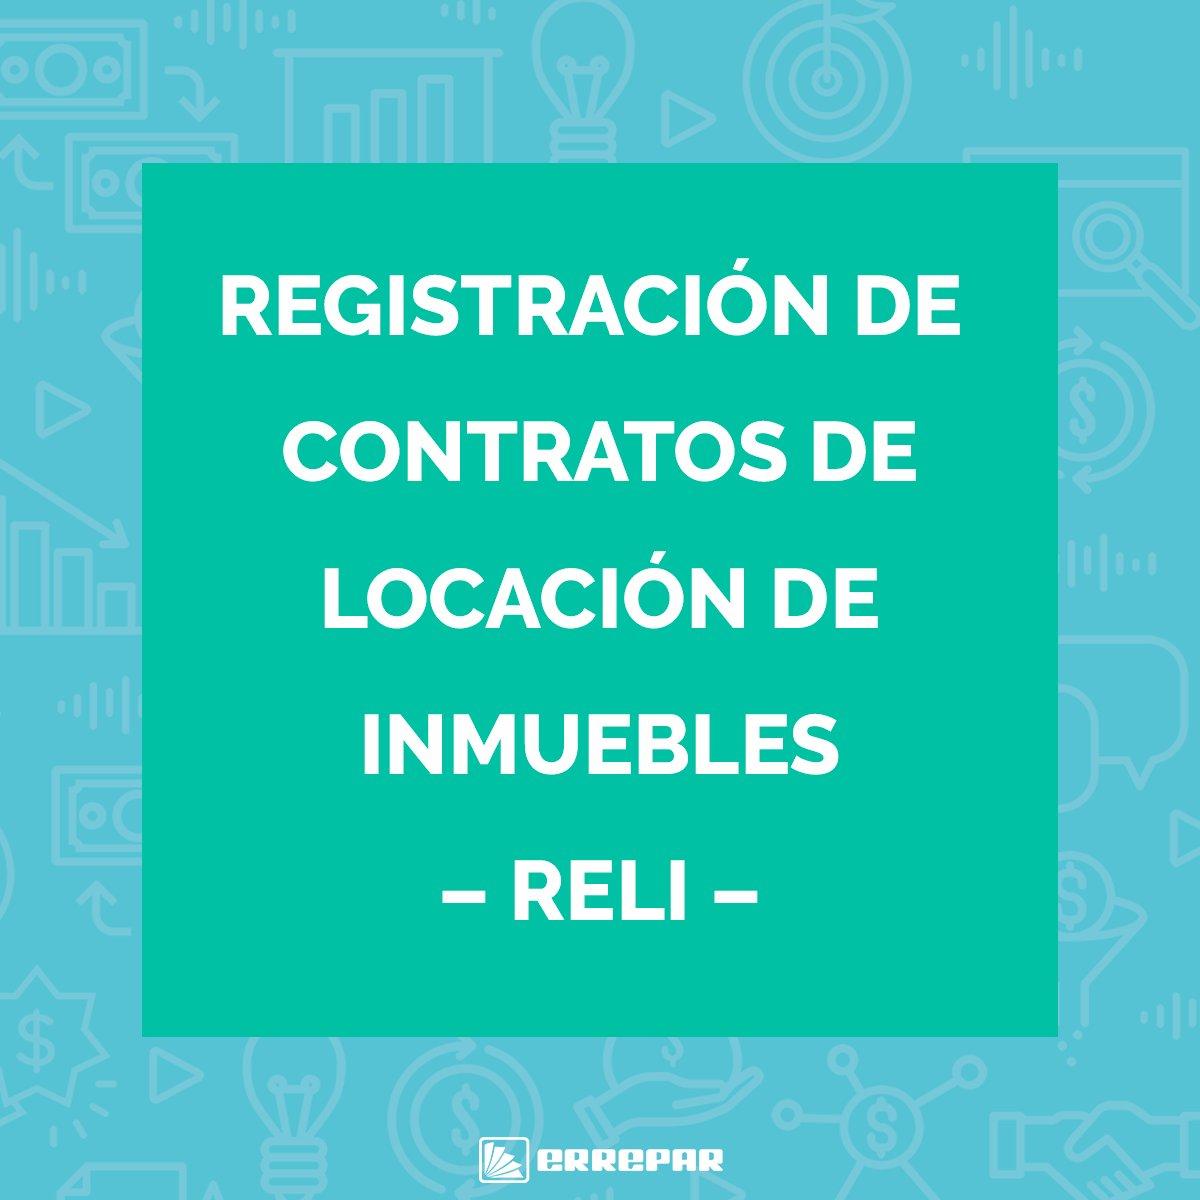 Editorial Errepar @errepar: Puntos clave de la registración de los contratos de locación de inmuebles a cumplir a partir de marzo de 2021. https://t.co/06OMoxNfjX